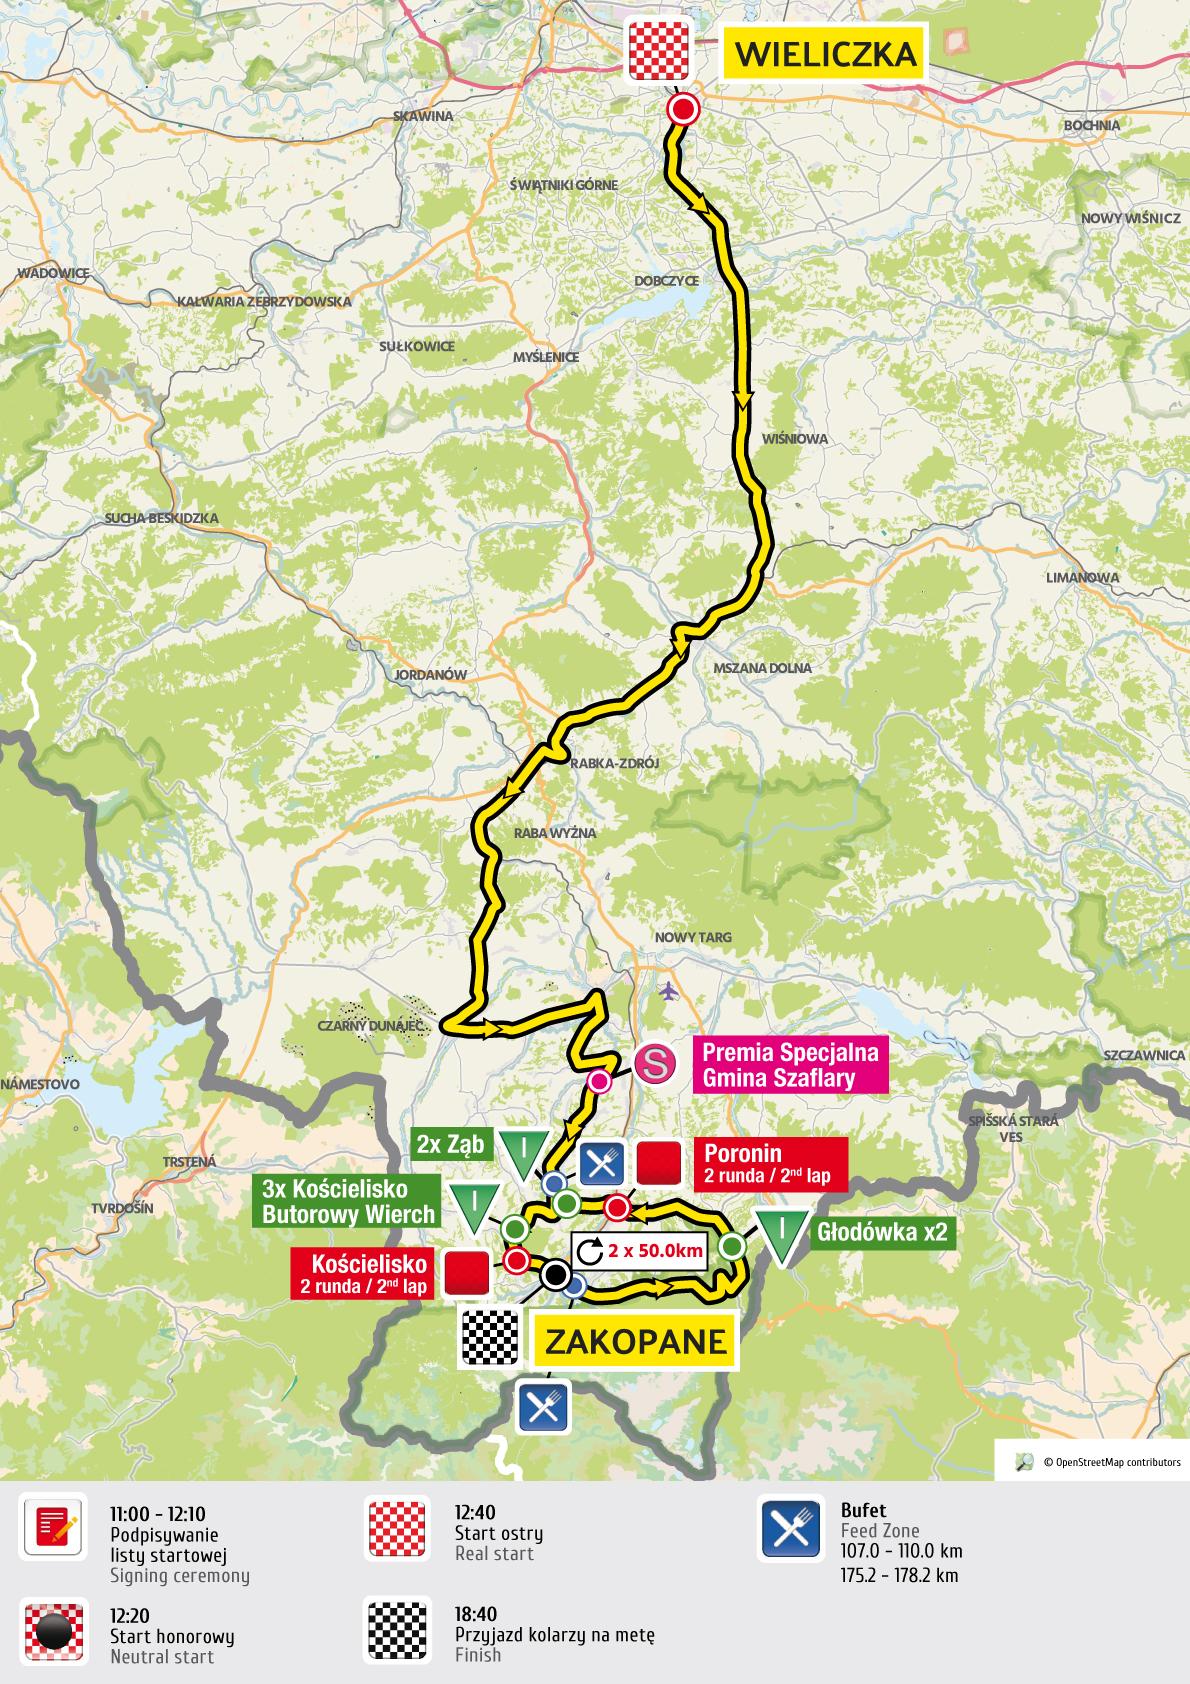 etap 5 mapa Tour de Pologne 2016 UCI World Tour